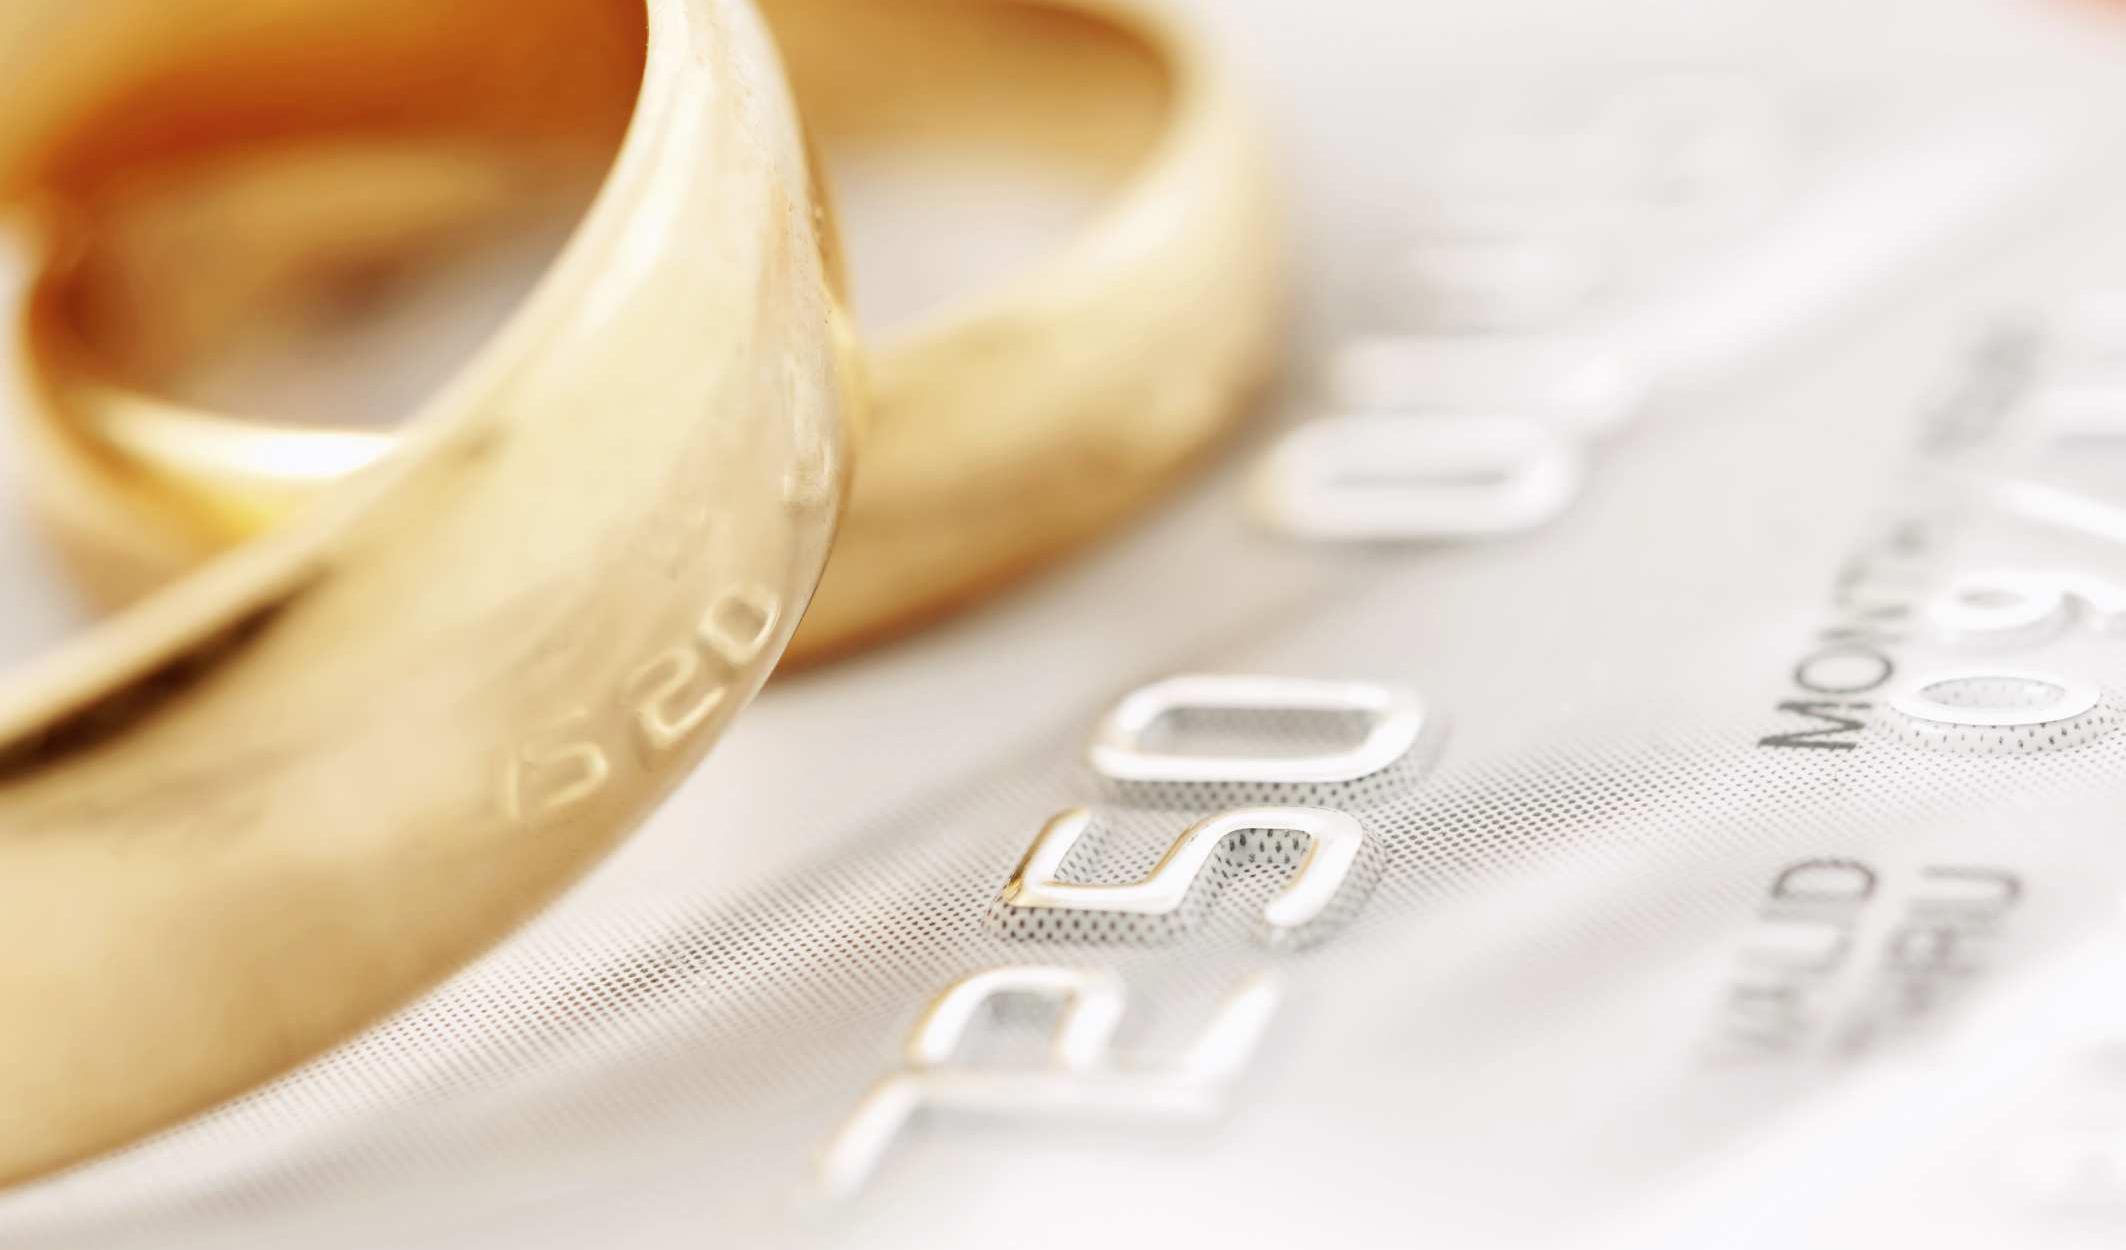 تصویب وام 50 میلیونی ازدواج در کمیسیون فرهنگی مجلس